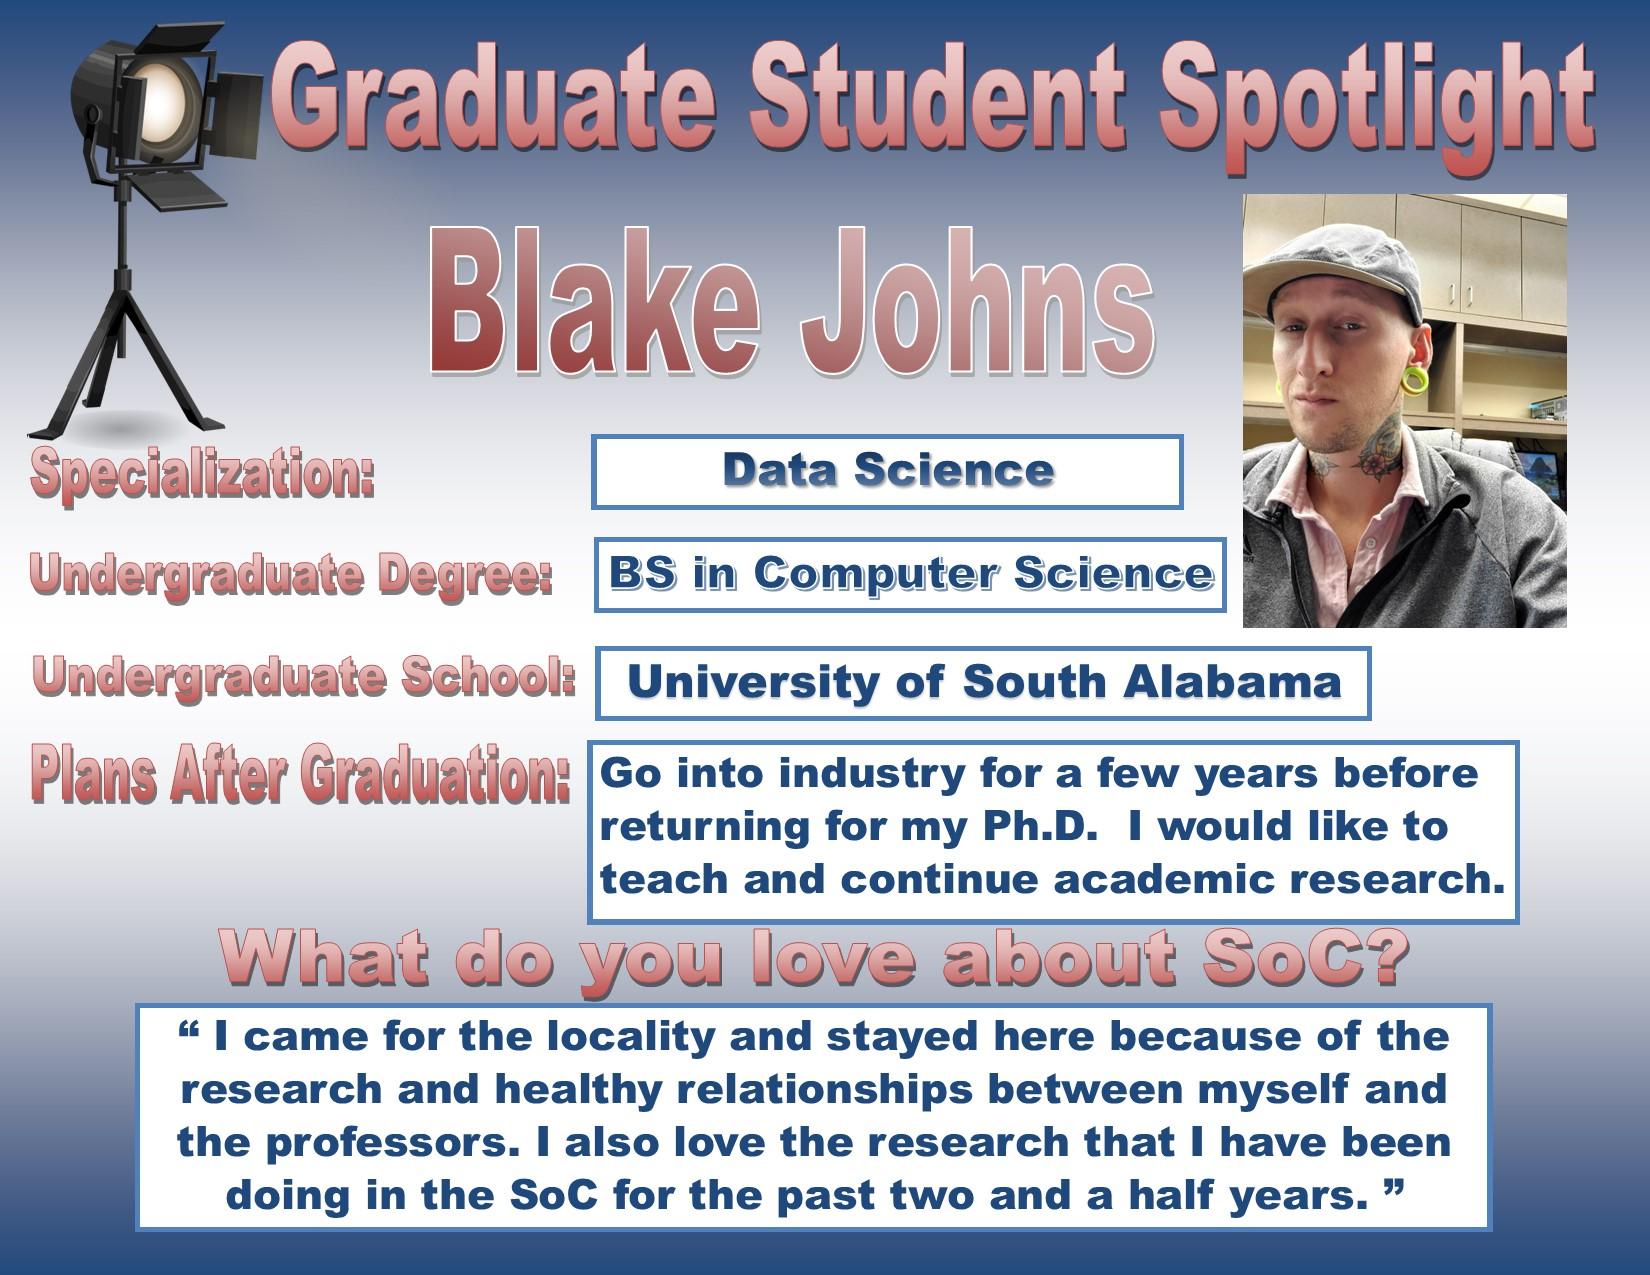 Blake Johns